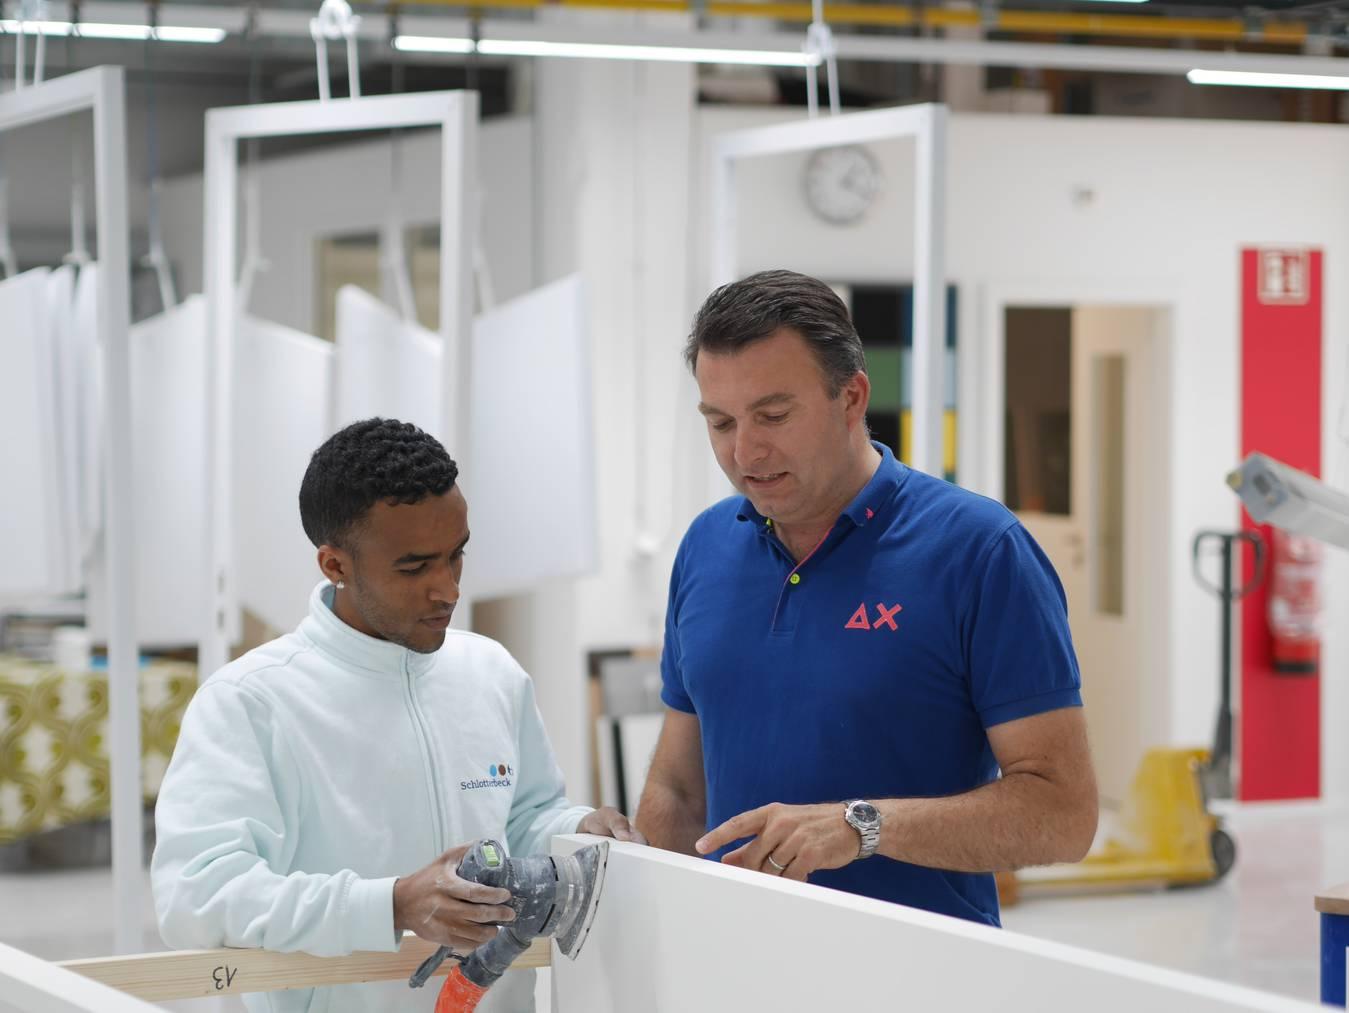 Abel Dejen hat beim Maler Schlotterbeck eine Praktikumsstelle erhalten. Geschäftsführer Hans-Peter Schaffner ist sehr zufrieden mit ihm.